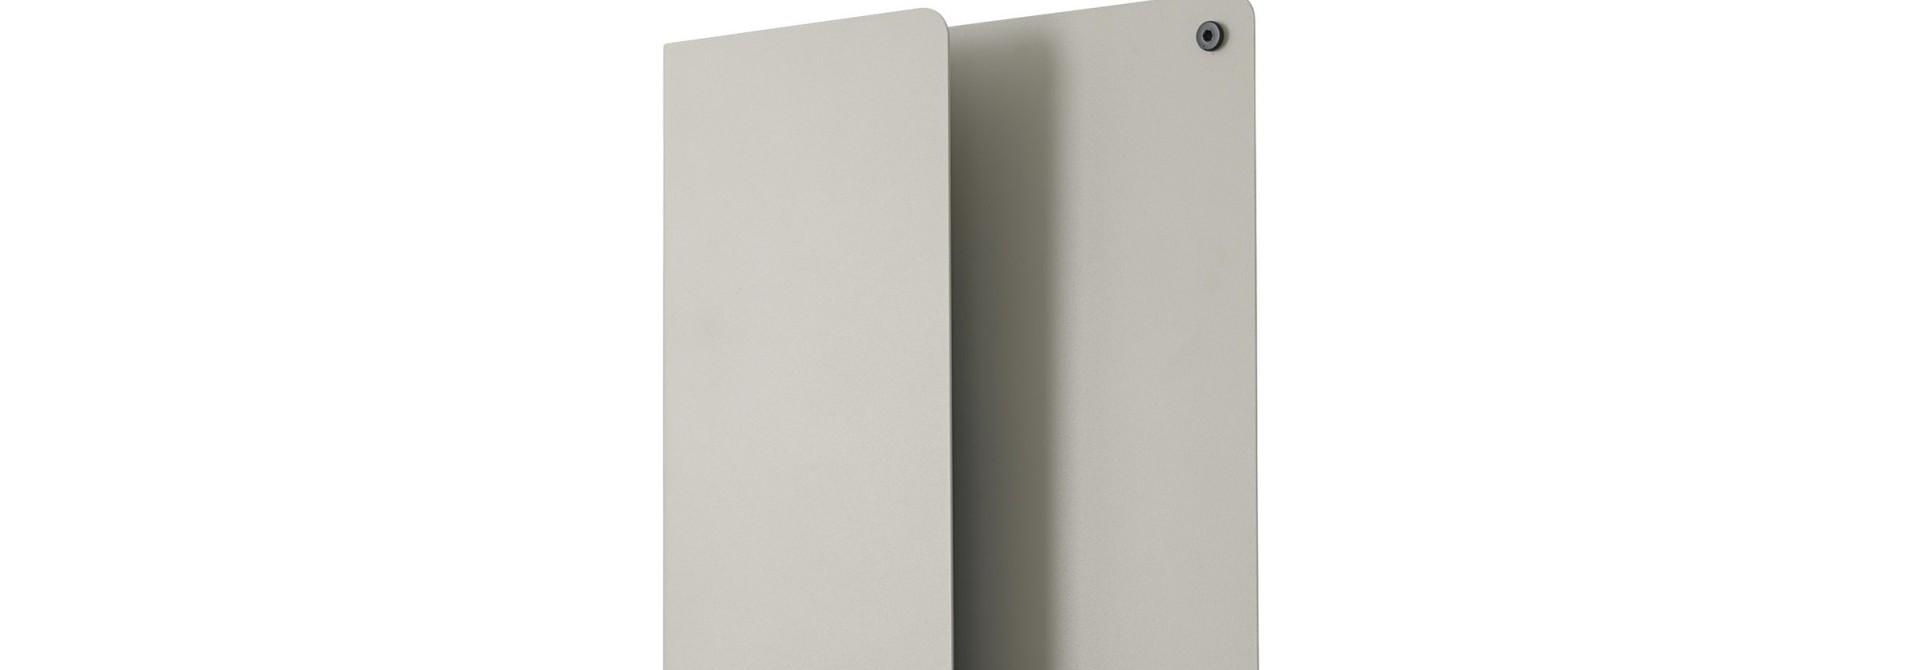 Folded shelves - XS